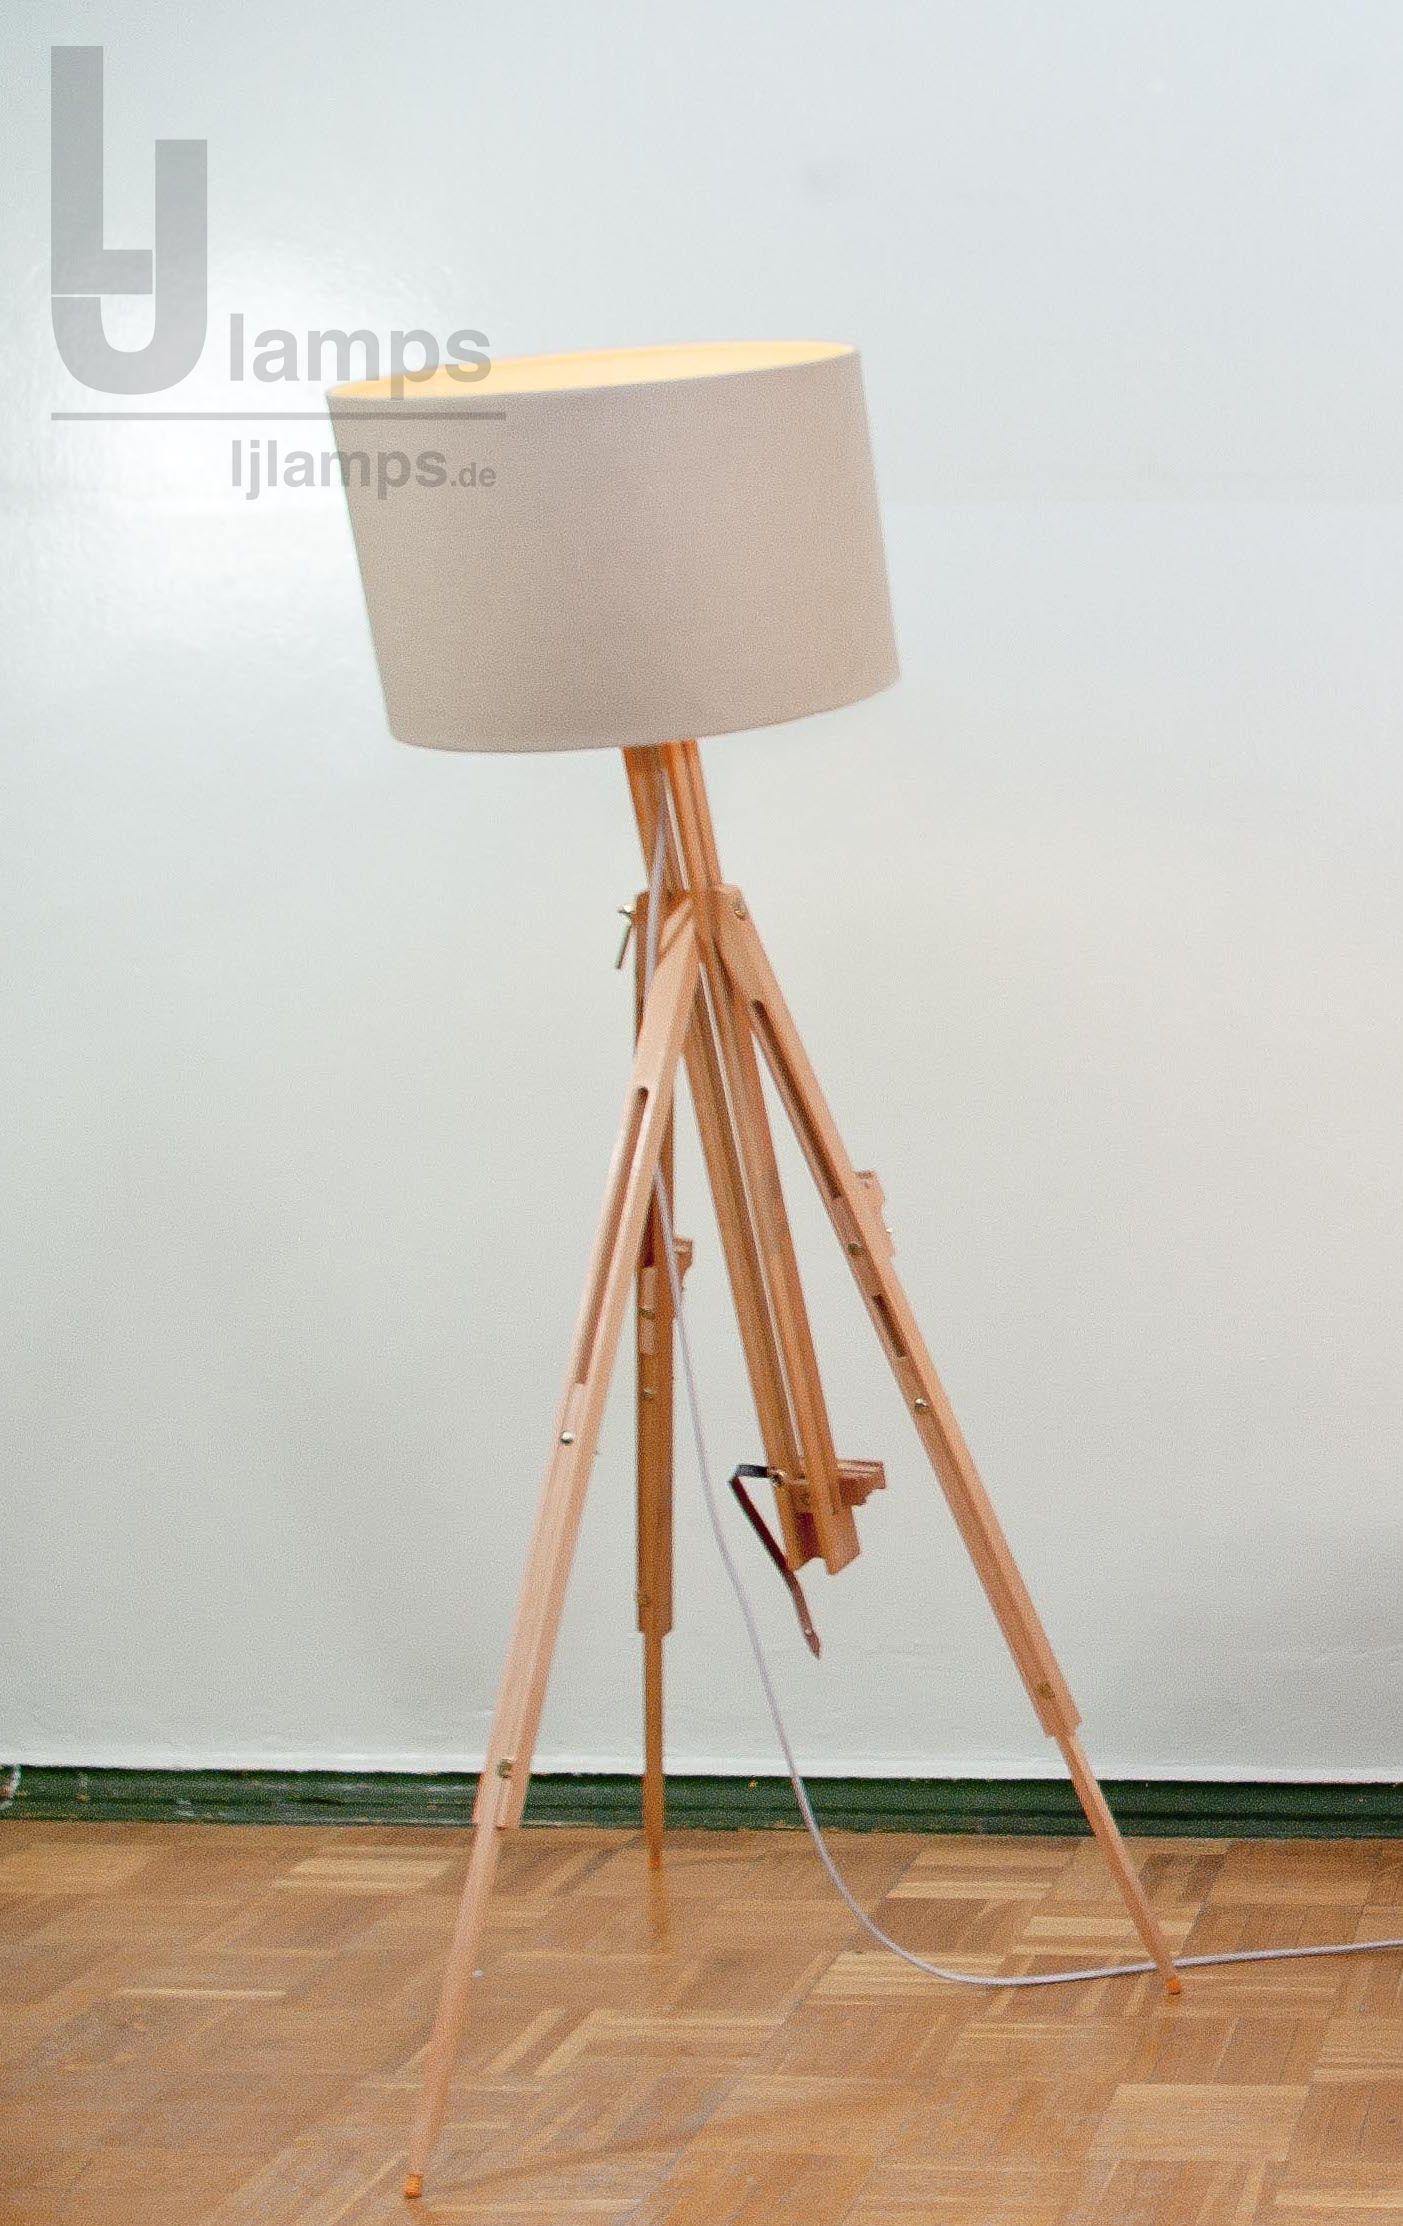 New Leuchte Gamma Tripod aus Holz Staffelei zum Einstellen Schirm aus Leinen Lampe